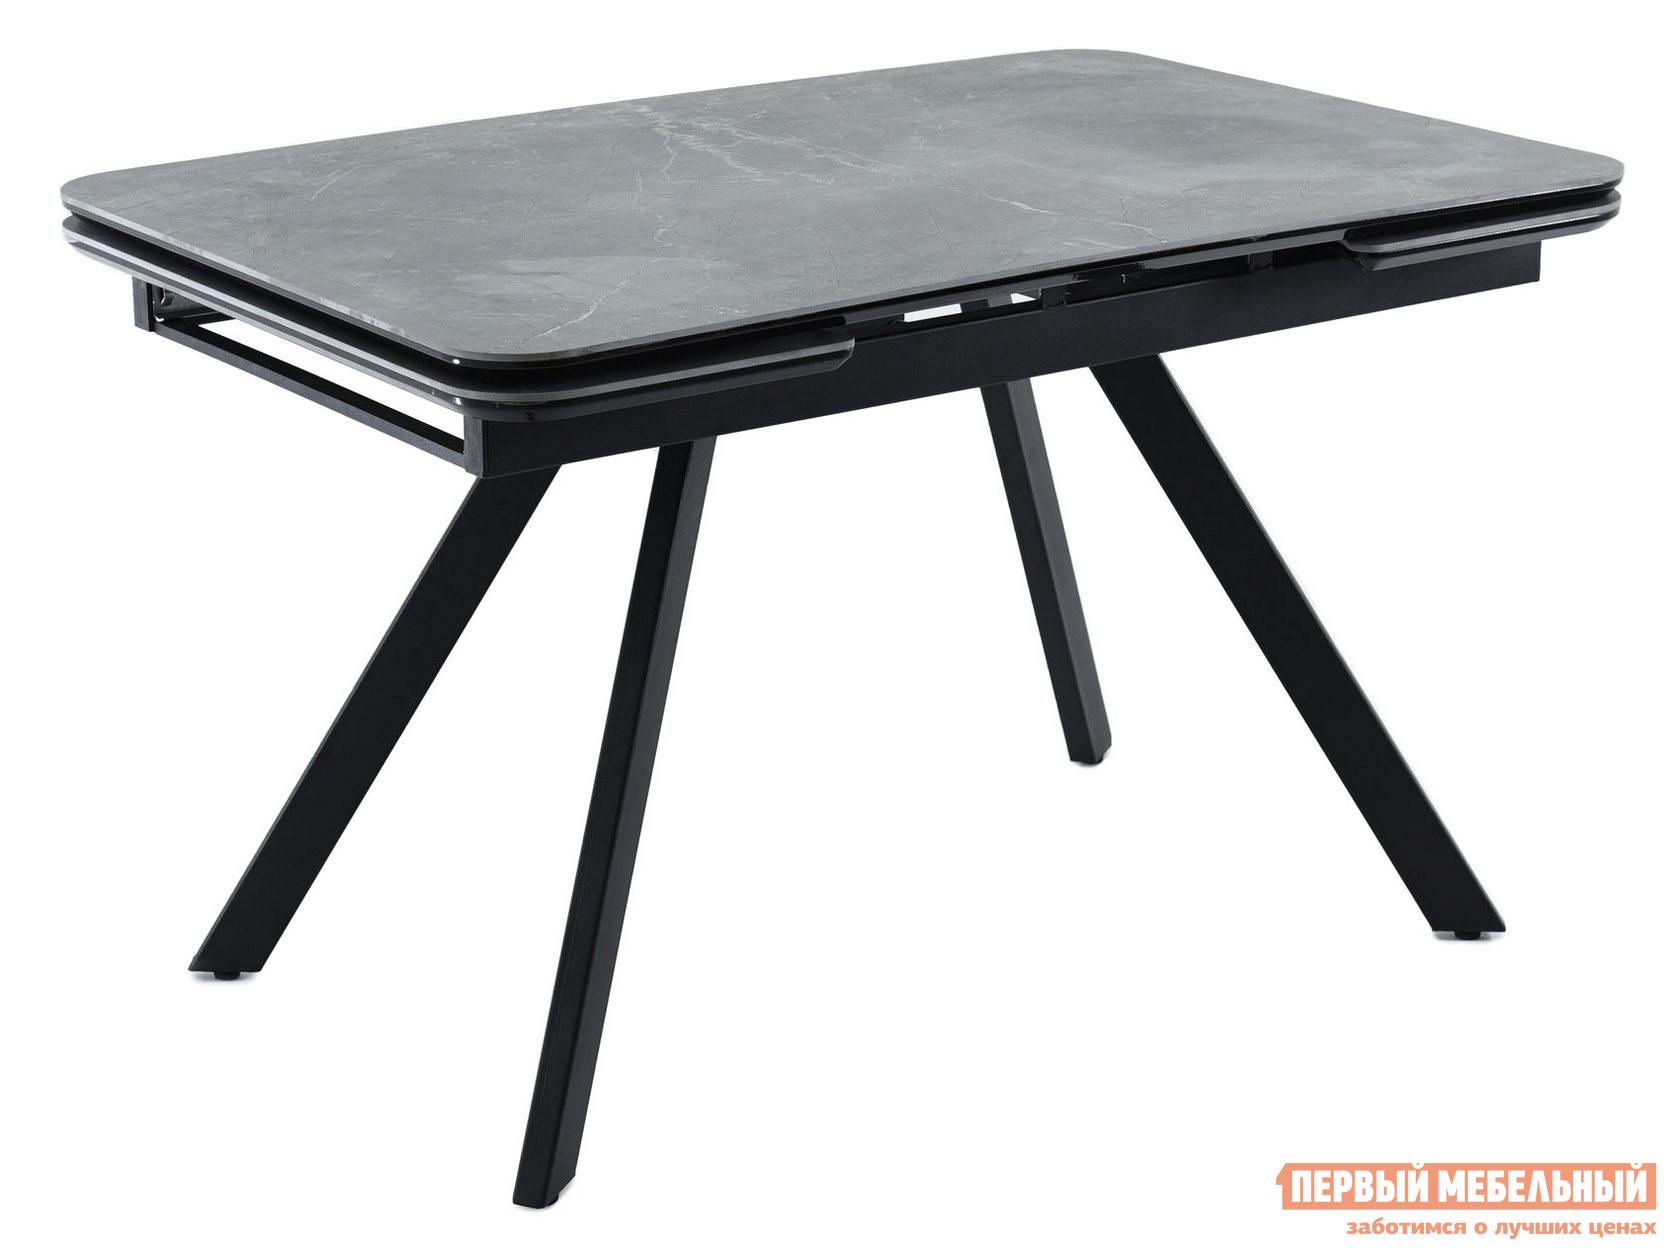 Кухонный стол  Леон Bayona grey / Черный, металл Мебвилл 126811